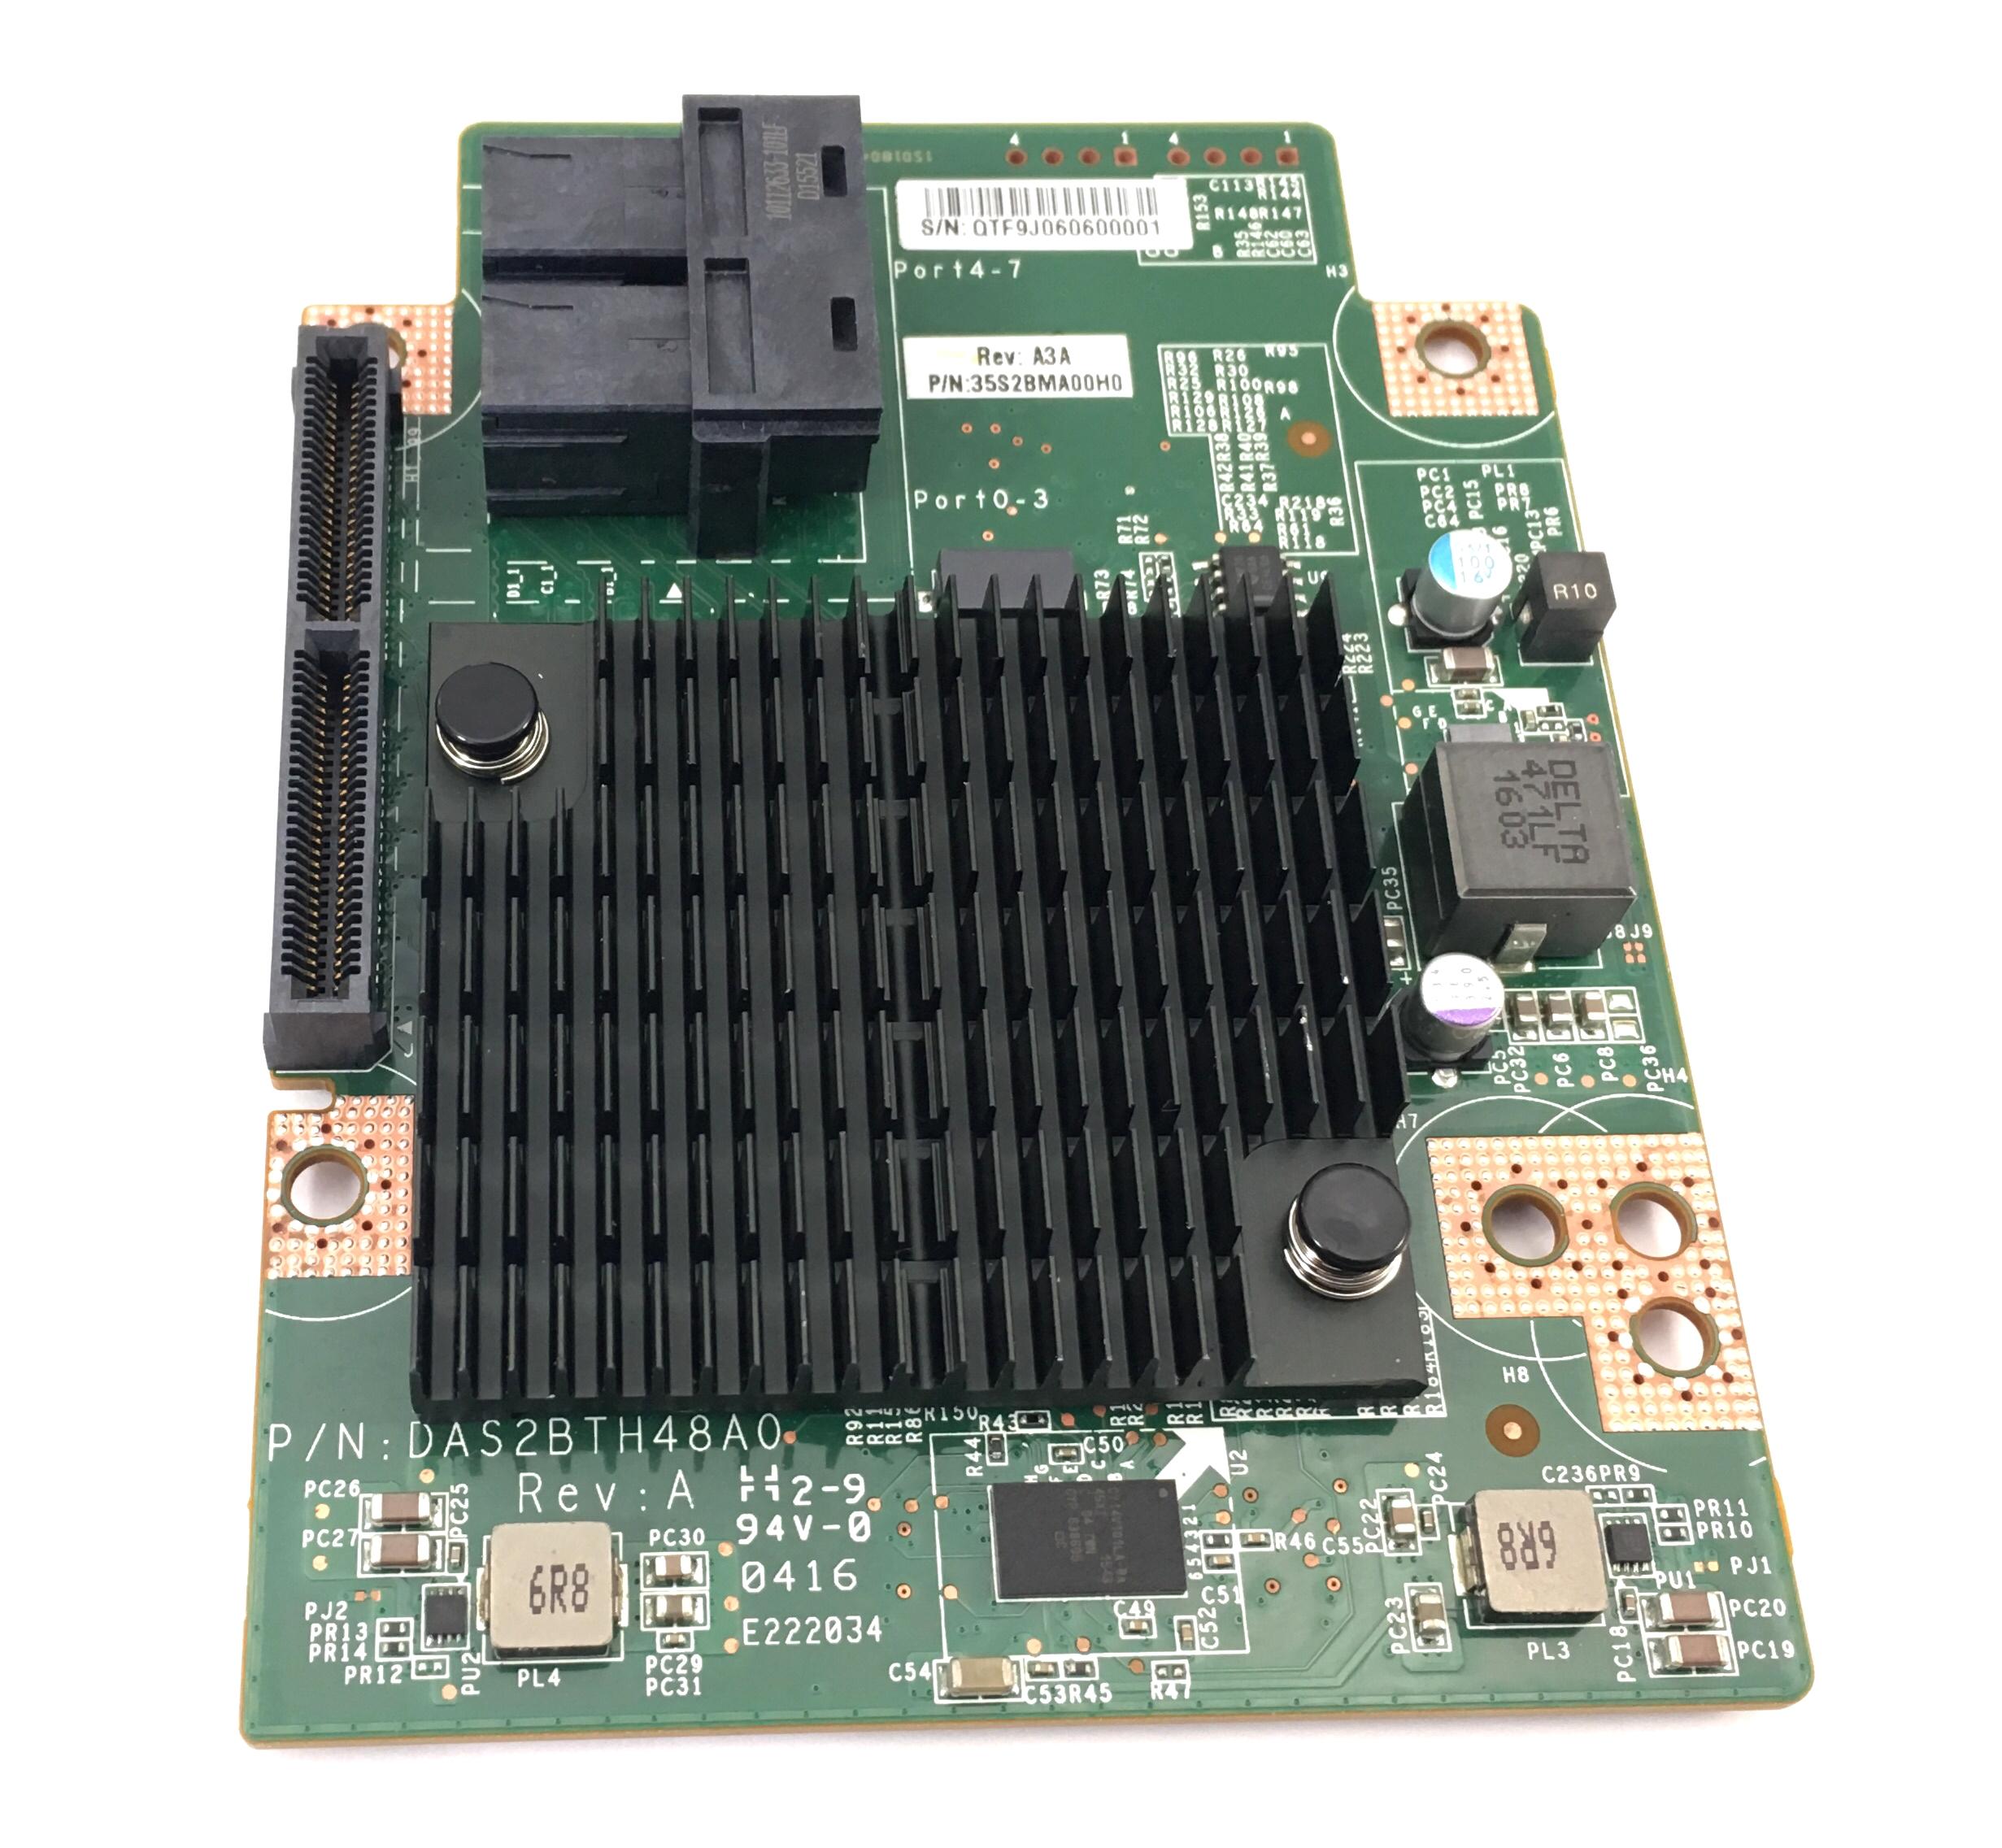 Quantagrid Db51 S2B Qs 3008 Raid Controller (DAS2BTH48A0)